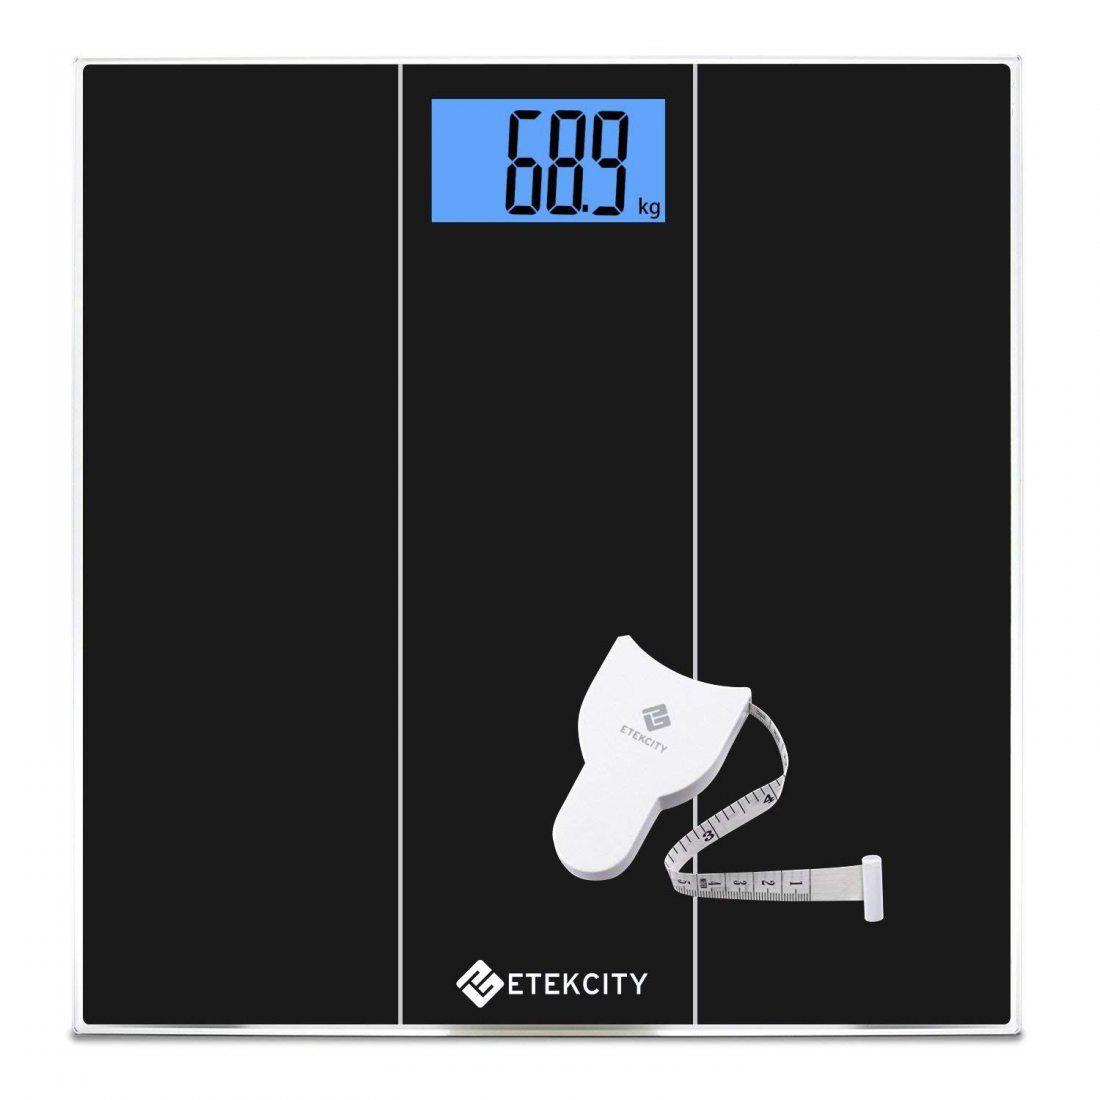 Etekcity Pèse Personne Electronique Balance Pese Personnes Précision, 180kg/400lb/28st, Auto On/Off, Verre Trempée, Grand Ecr